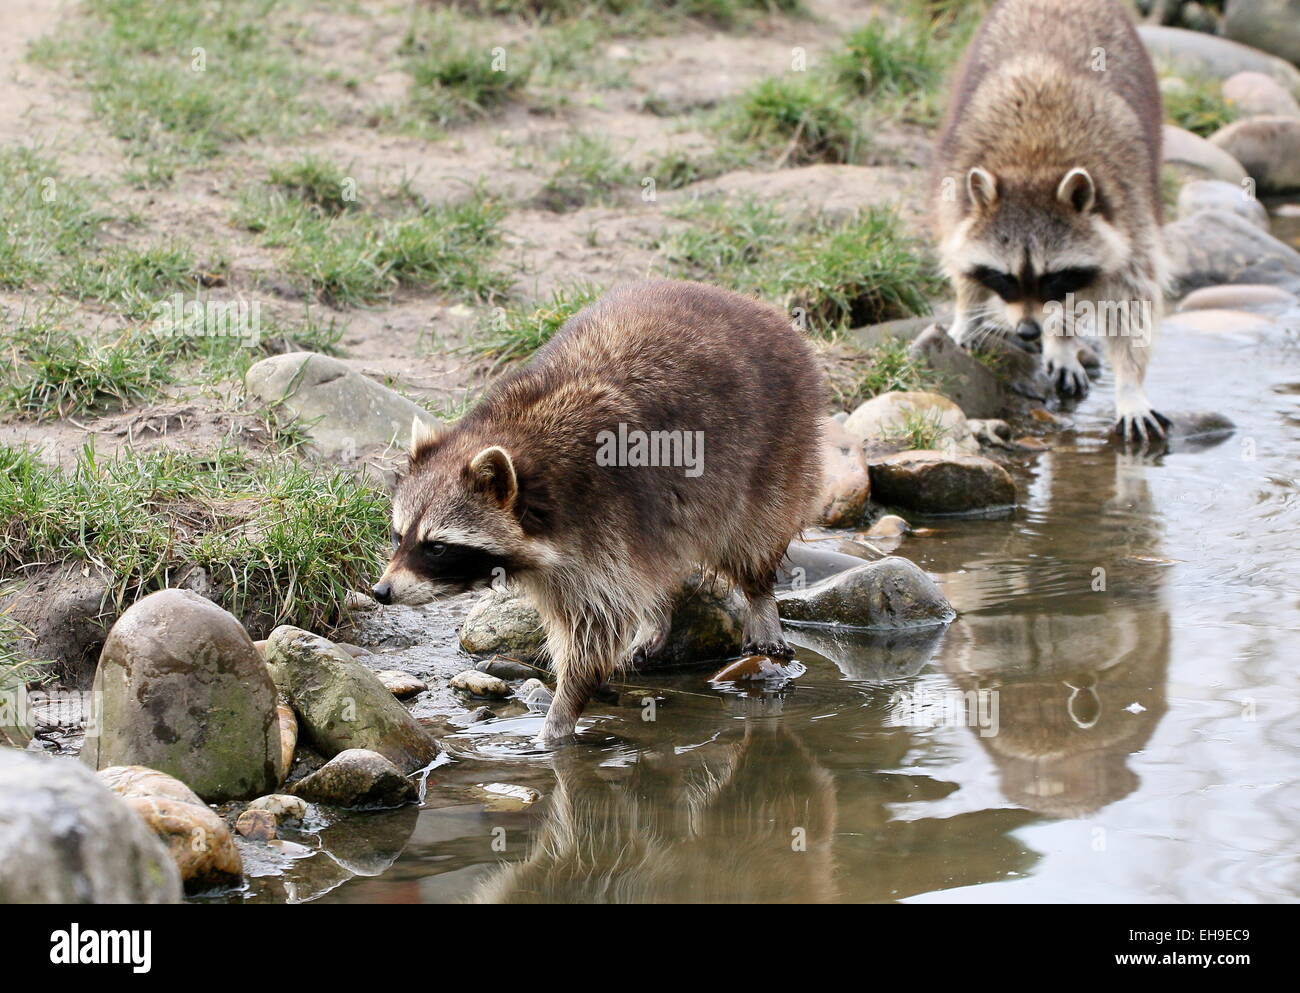 6a98556e6eb19d Zwei nordamerikanischen oder nördliche Waschbären (Procyon Lotor) zu Fuß  entlang eines Baches Stockbild